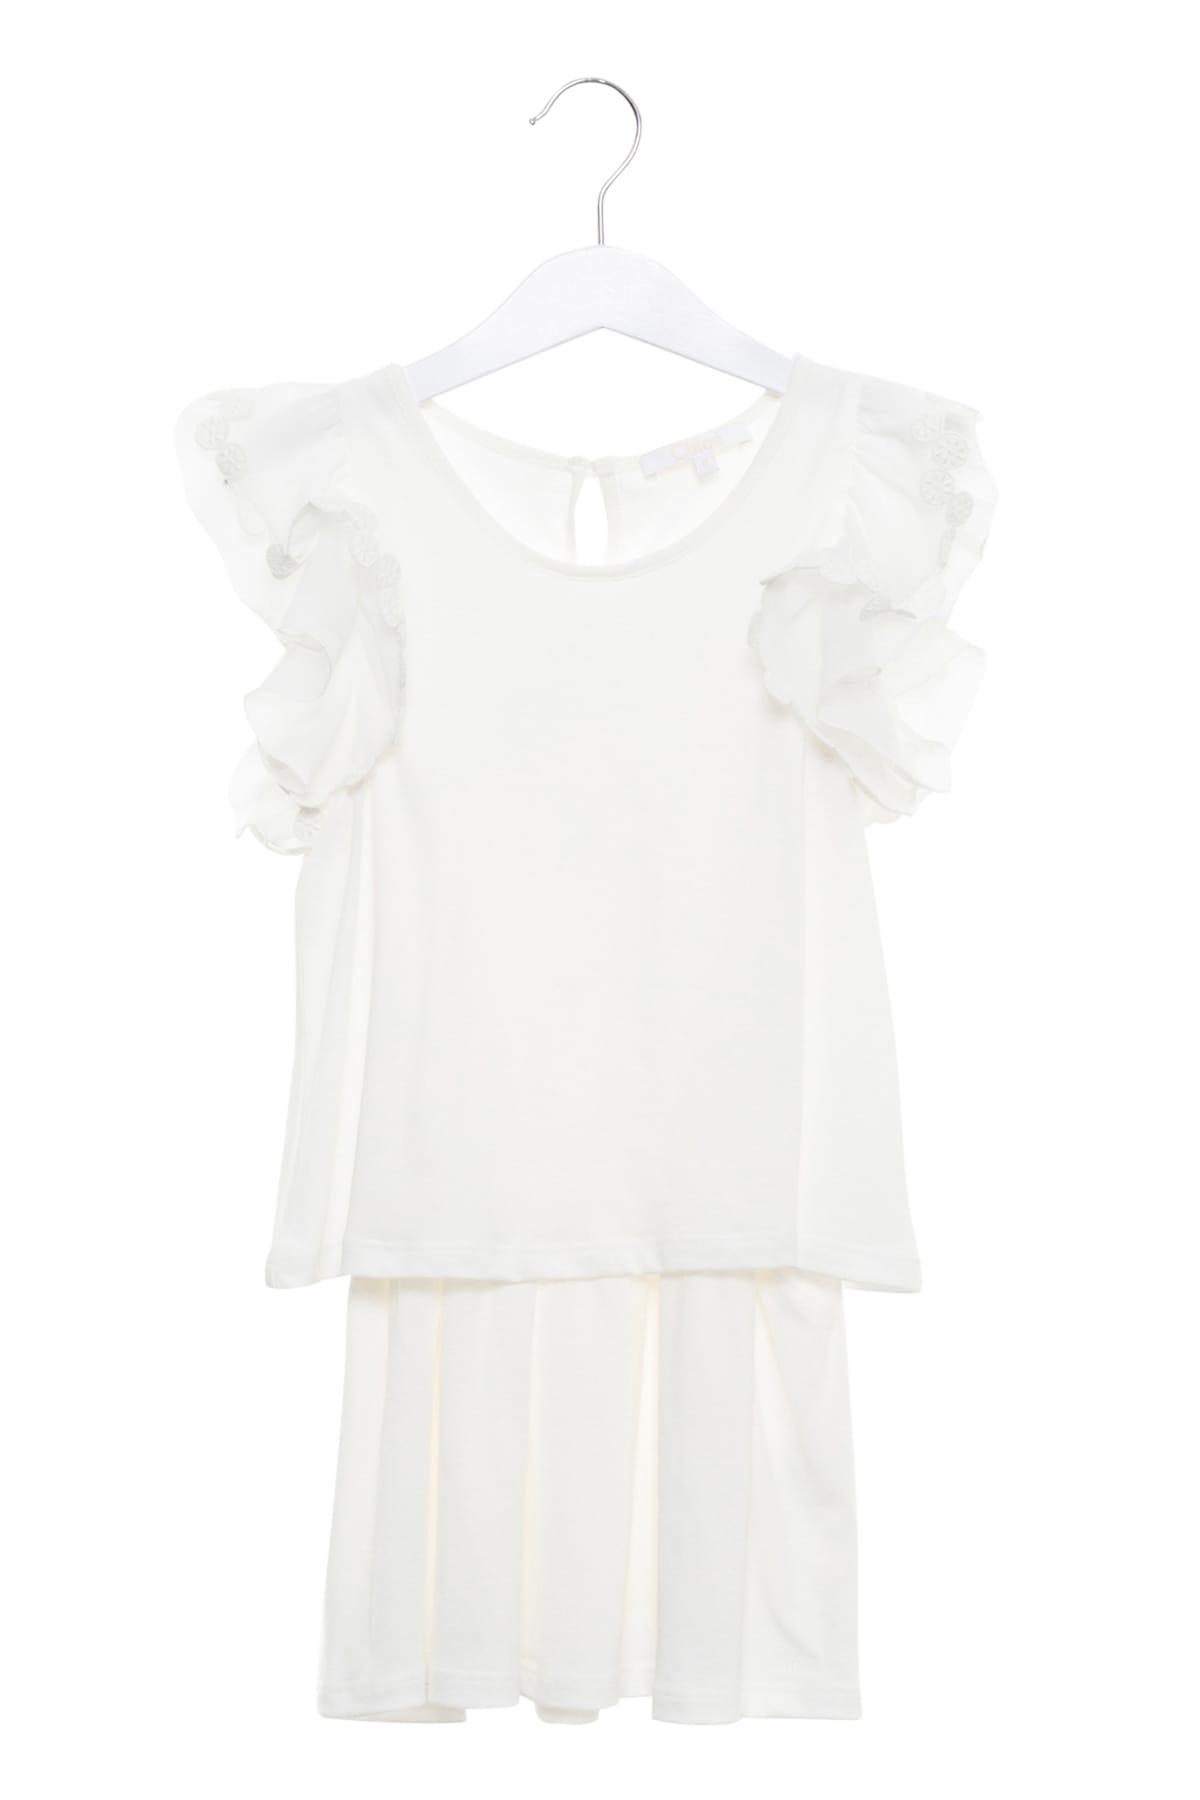 Chloé Ruffles Dress